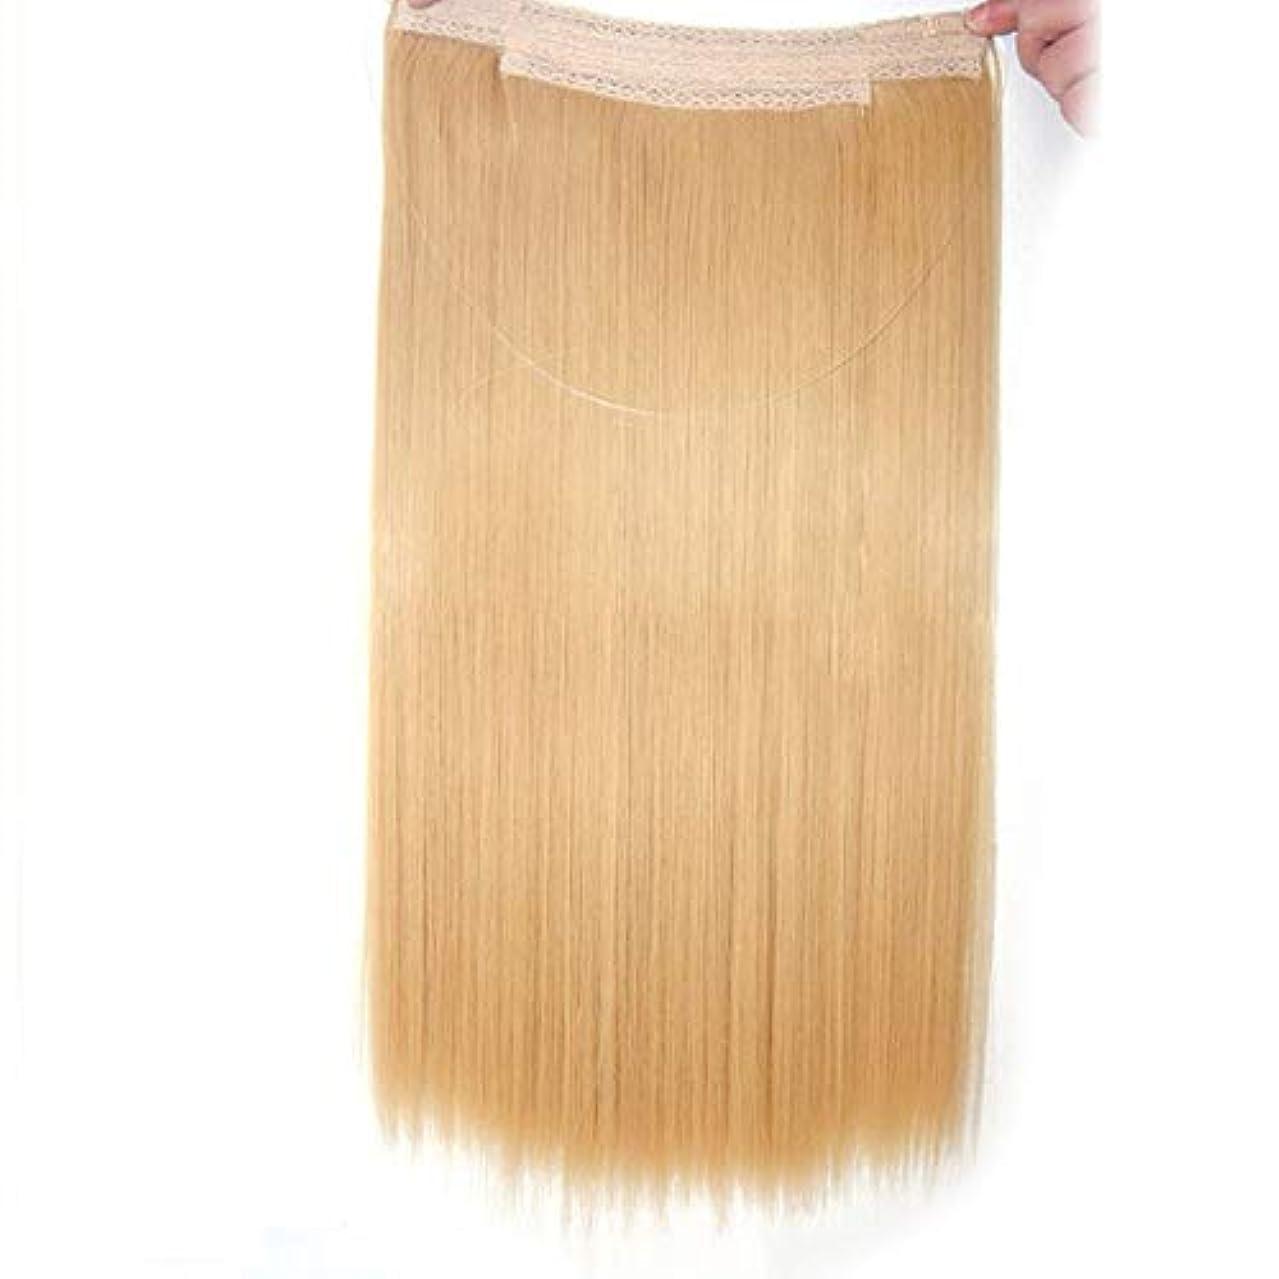 何でも修羅場征服者WASAIO 女性のためのストレート延長ロングかつらブロンドブラウン色のヘアエクステンションクリップのシームレスな髪型隠しワイヤー (色 : Blonde, サイズ : 10 inch)